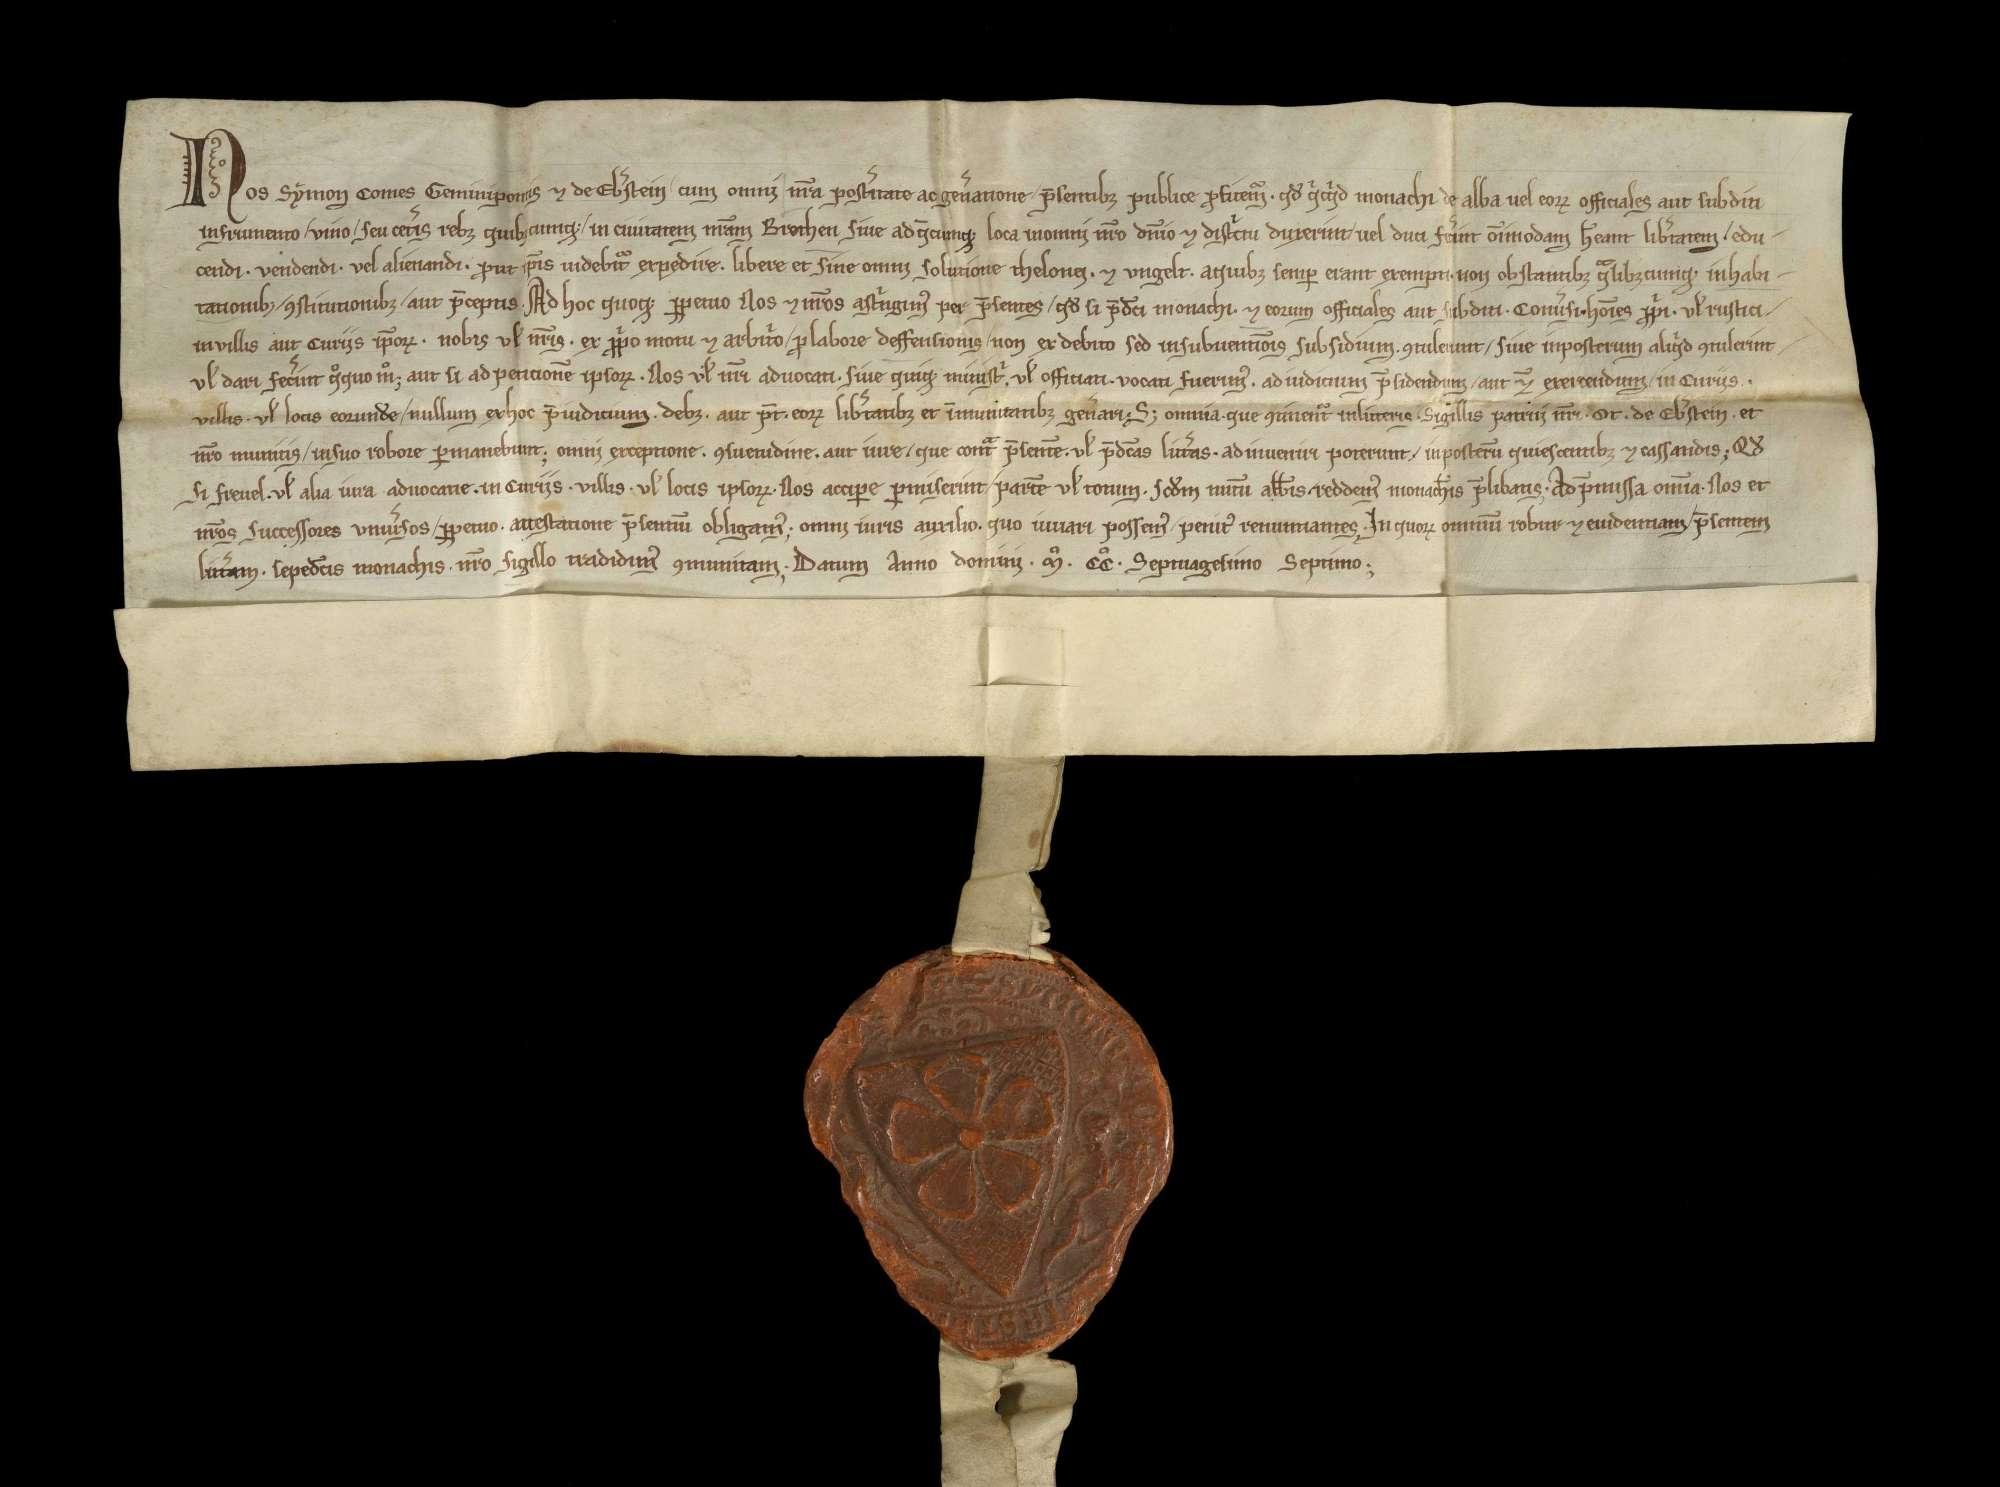 Graf Simon von Zweibrücken und Eberstein befreit das Kloster Herrenalb von allem Zoll und Umgeld in Bretten und seiner ganzen Herrschaft und erneuert die von seinem Oheim Otto von Eberstein und ihm selbst verliehenen Freiheiten desselben., r